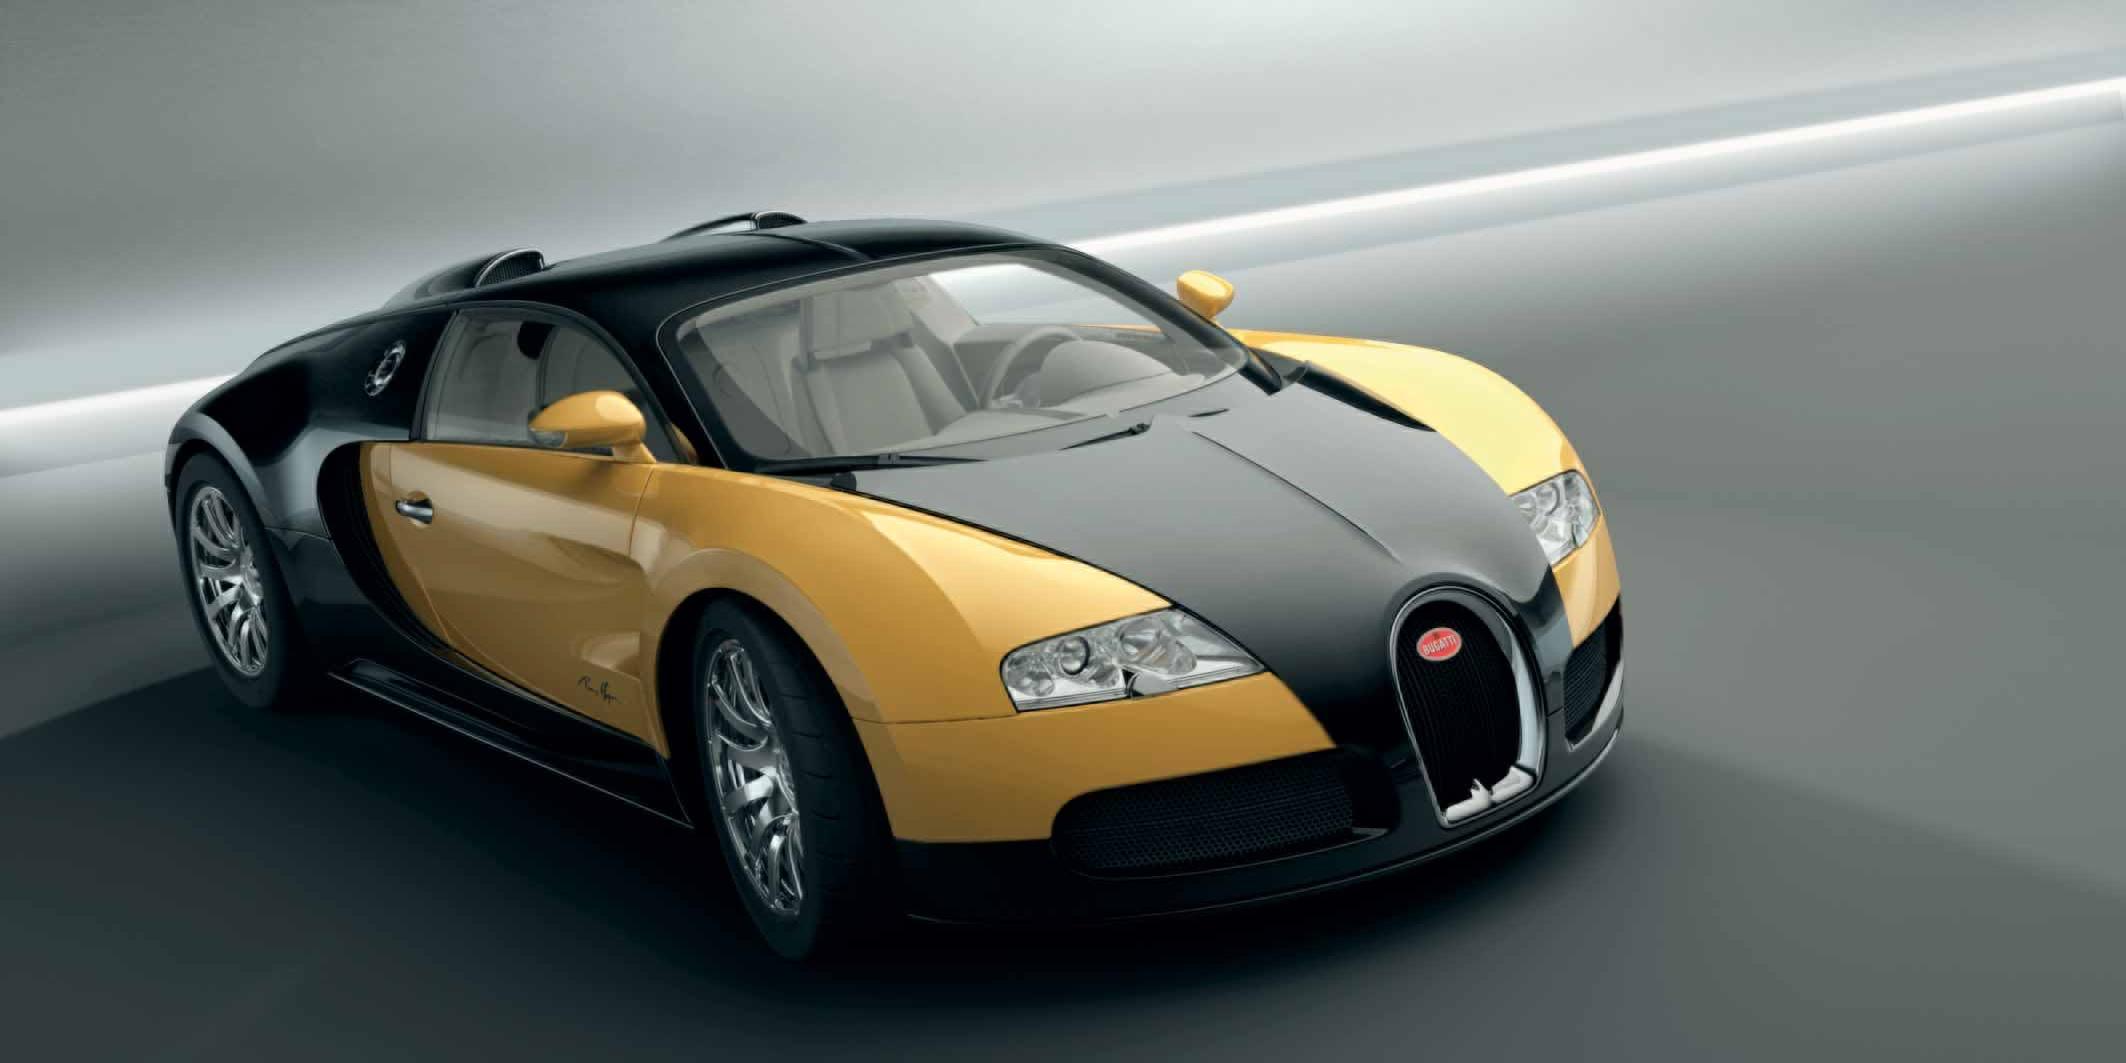 black bugatti veyron wallpaper 4697 hd wallpapers in cars imagesci - Bugatti Veyron Wallpaper